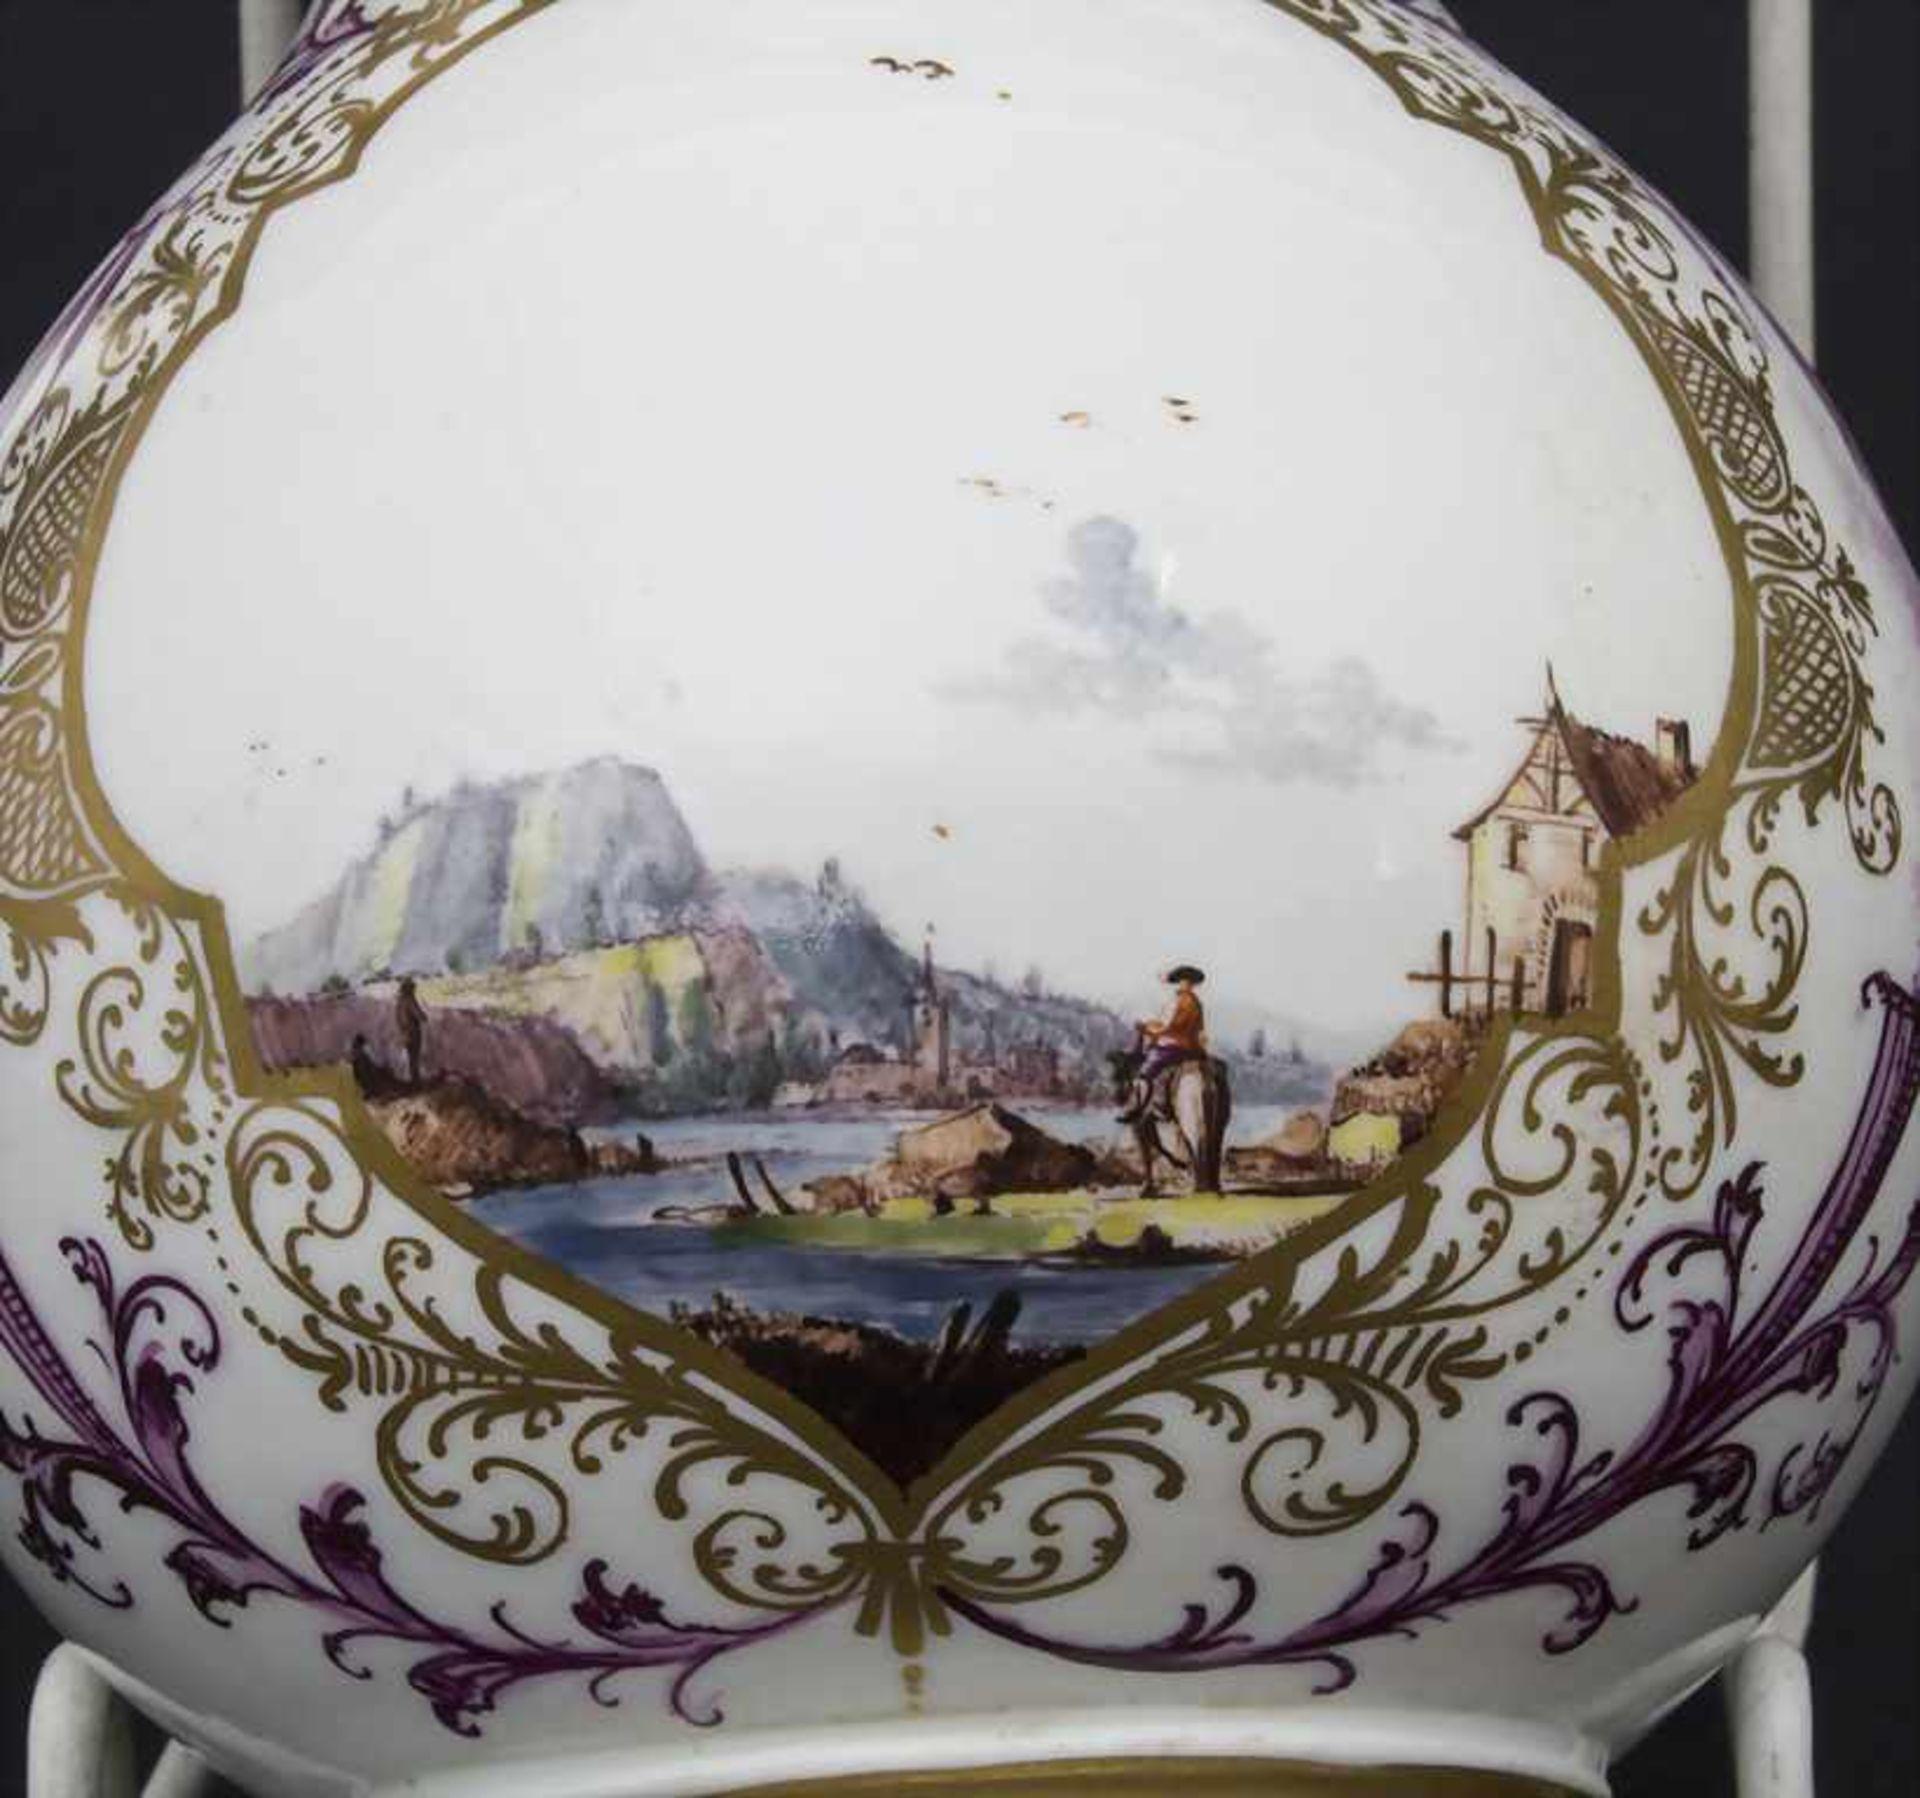 Kanne mit Kauffahrtei-Szenen / An early pot with harbour scenes, Meissen, Höroldt'sche Periode, um - Bild 5 aus 10